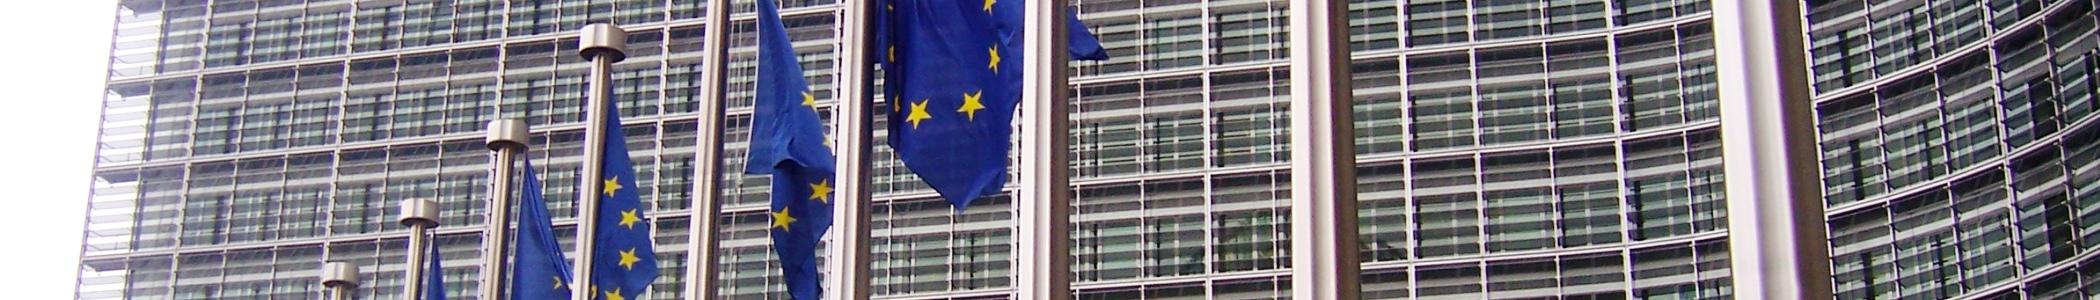 """Résultat de recherche d'images pour """"quartier européen bruxelles"""""""